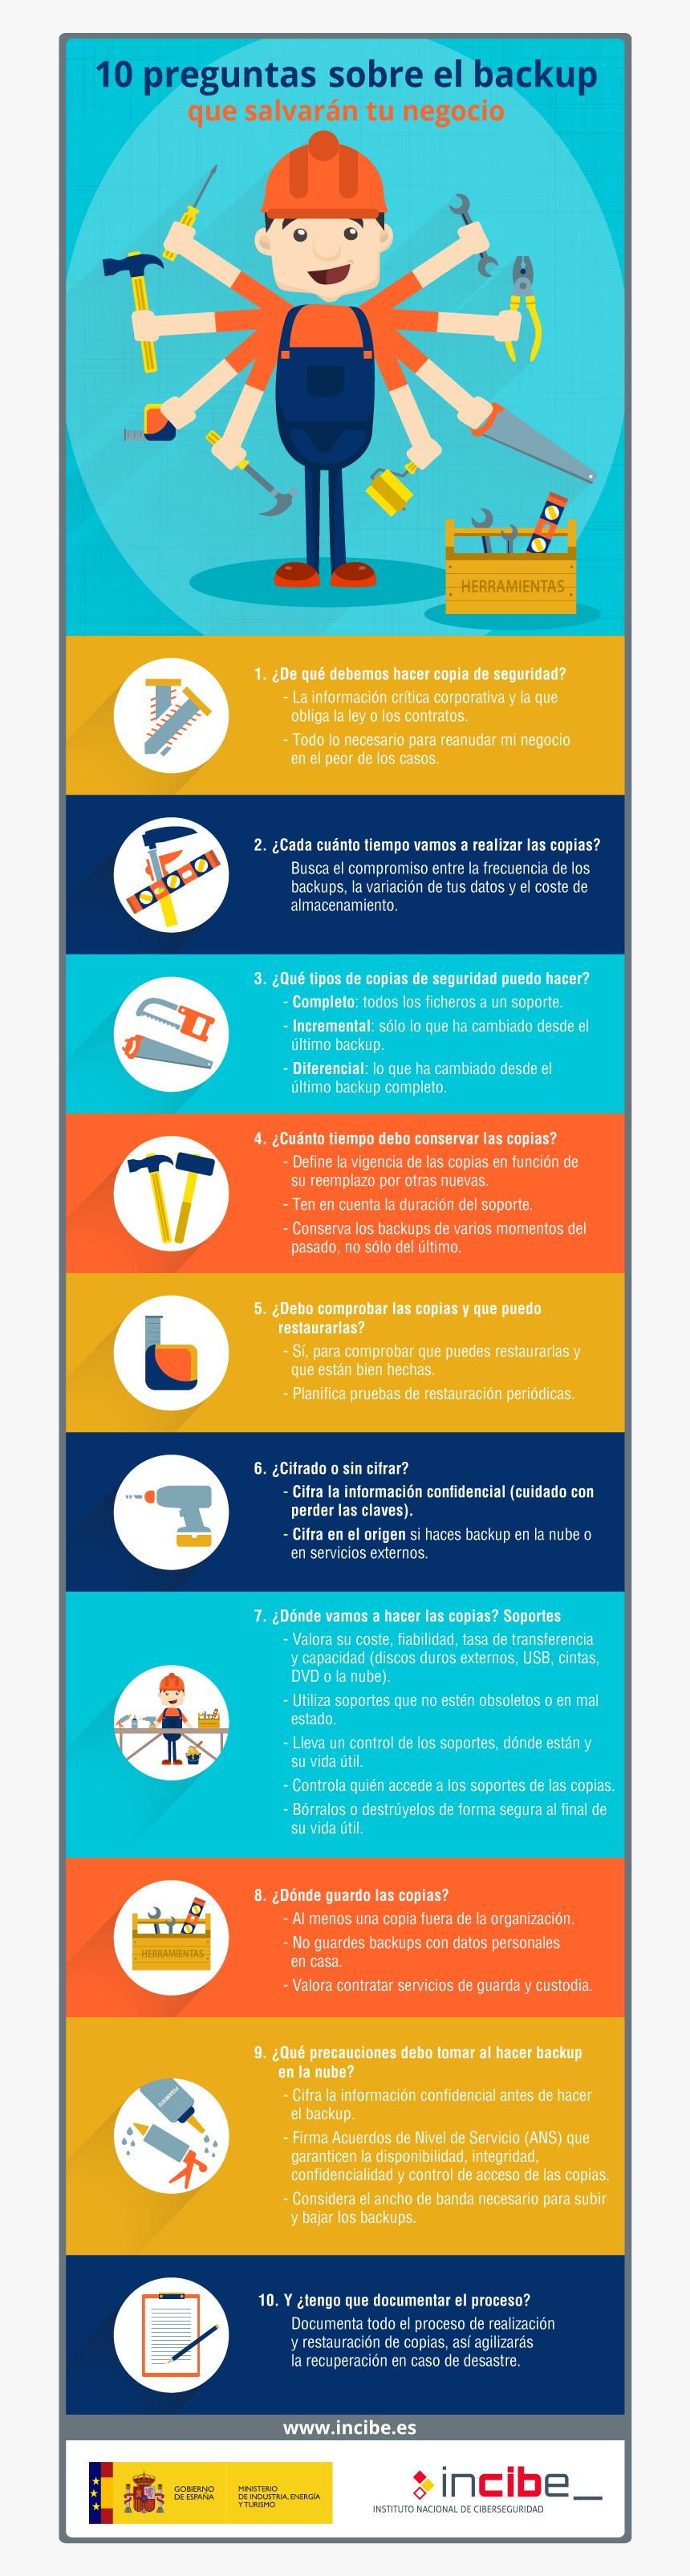 10 Preguntas Sobre El Backup Que Salvarán Tu Negocio - Incibe, HD Png Download, Free Download